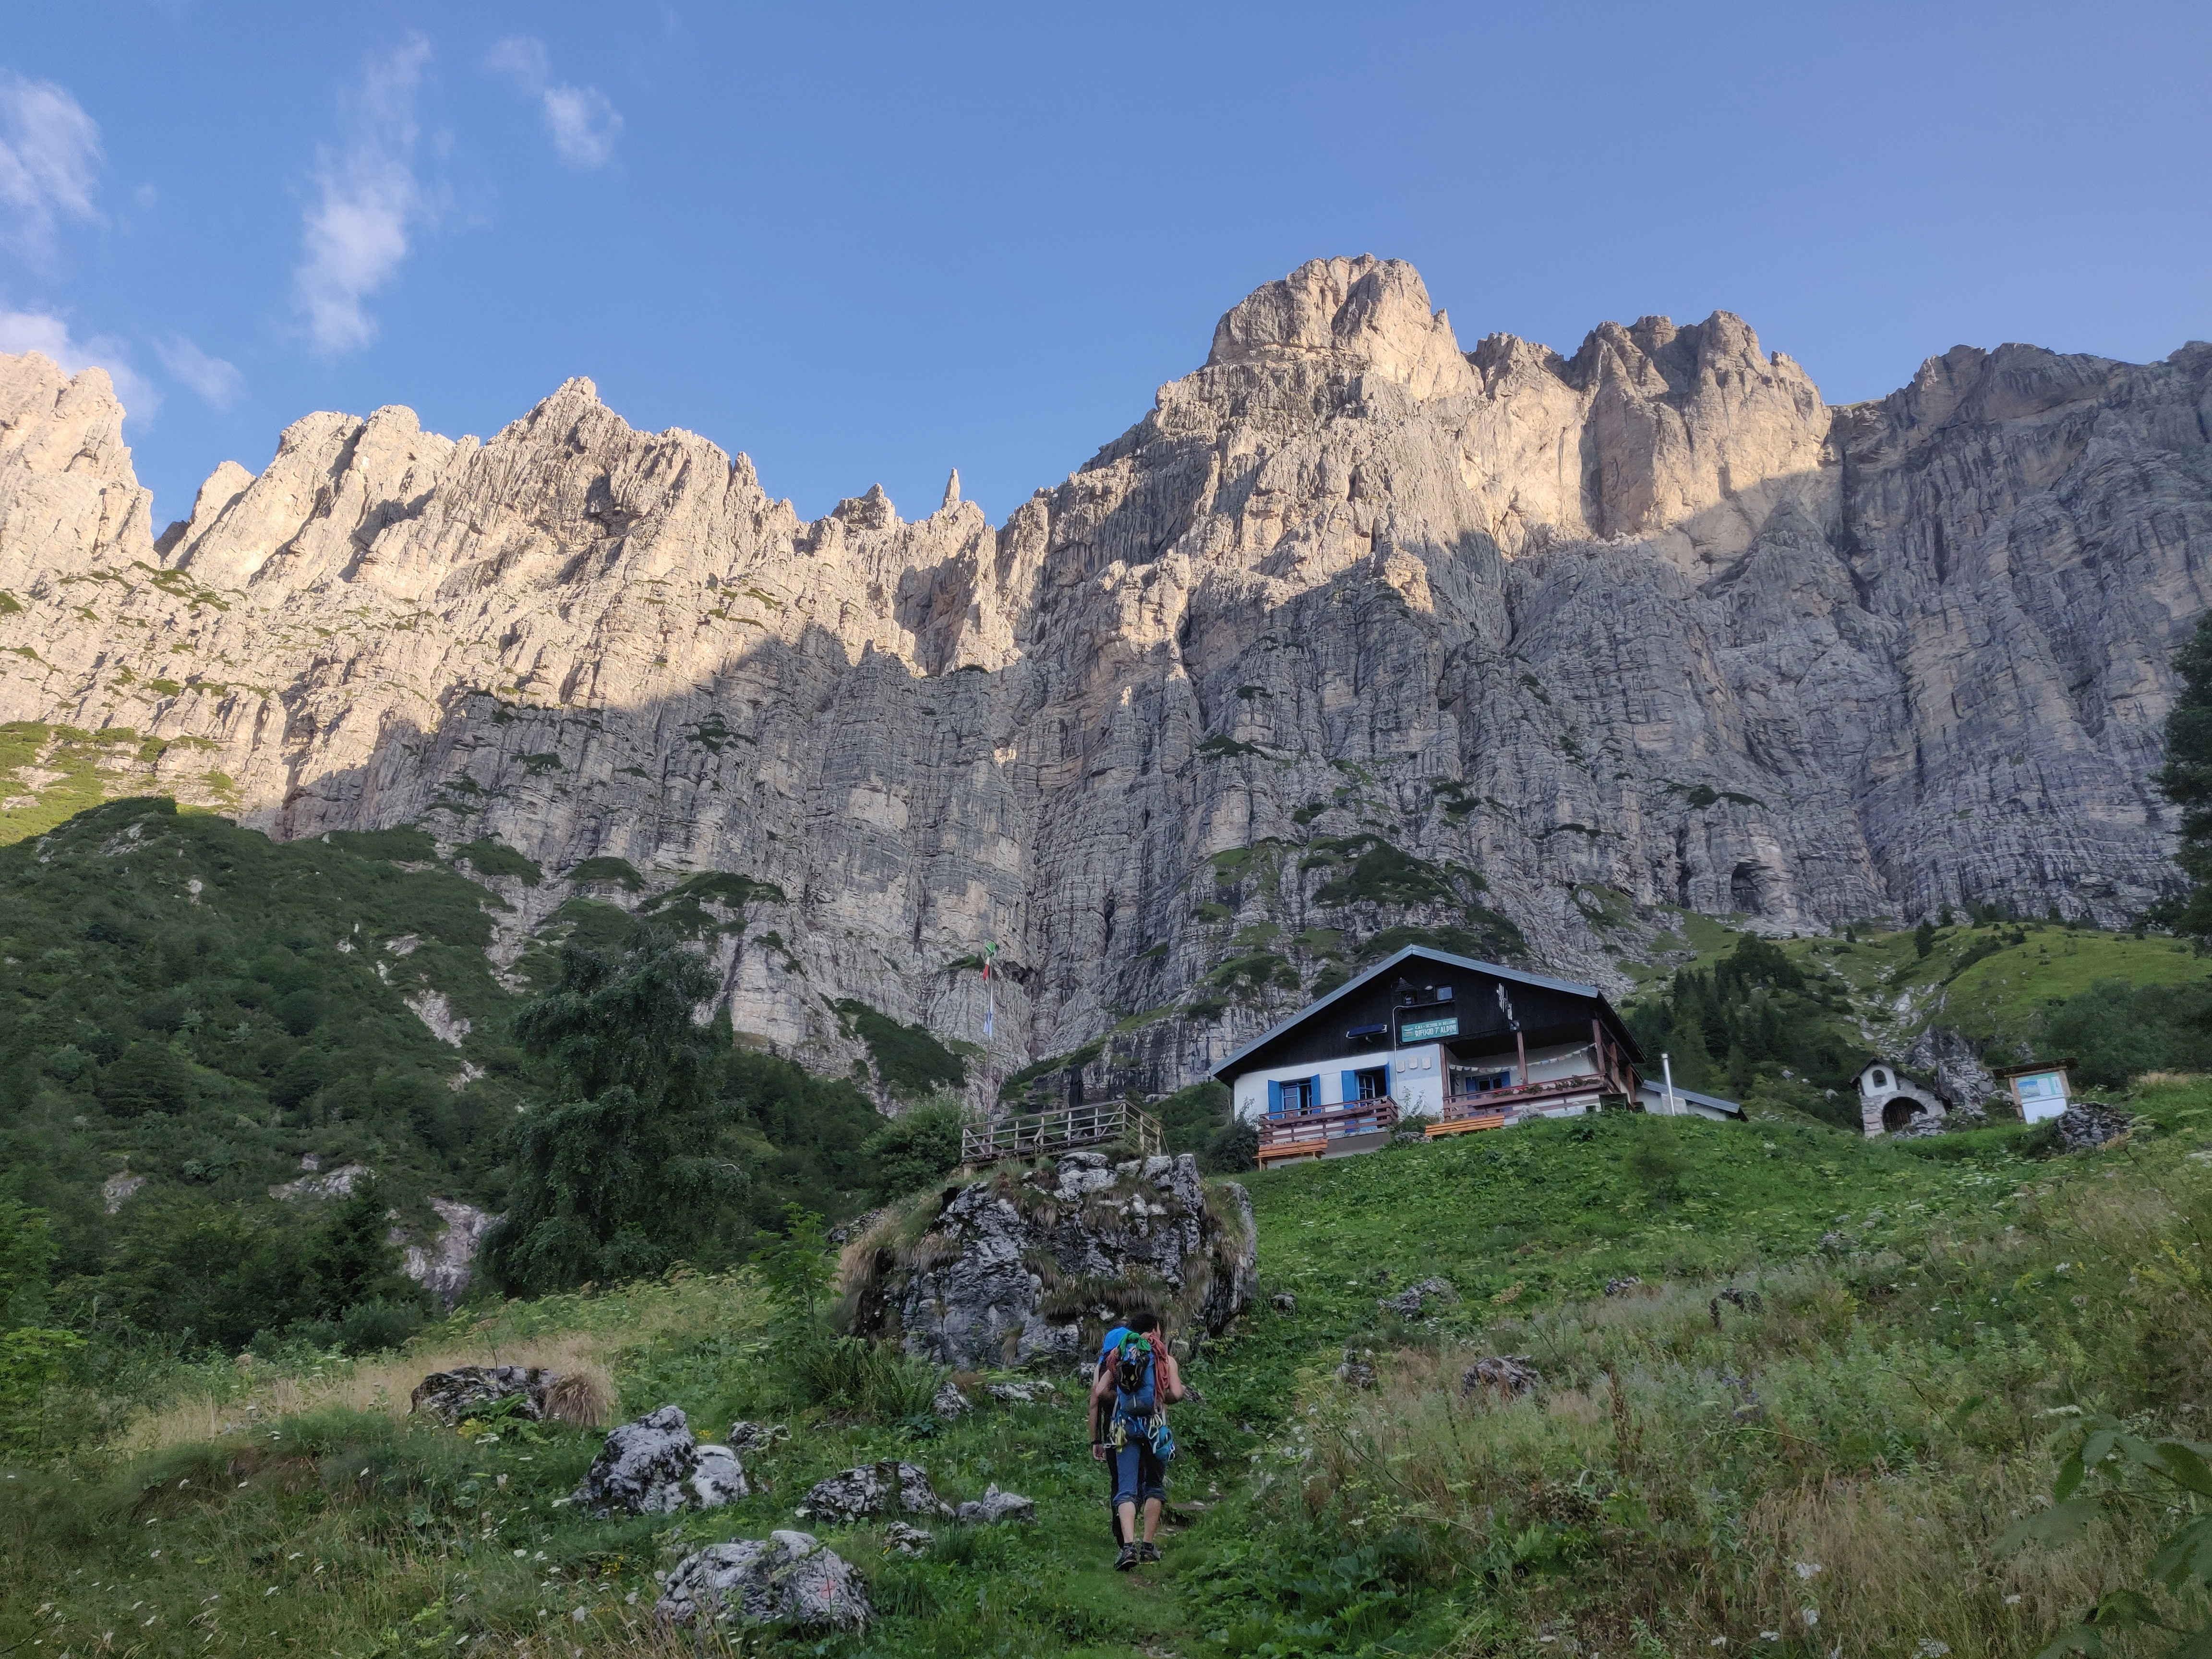 La parete Sud della Schiara vista dal VII Alpini, evidente il Gran Diedro Sud